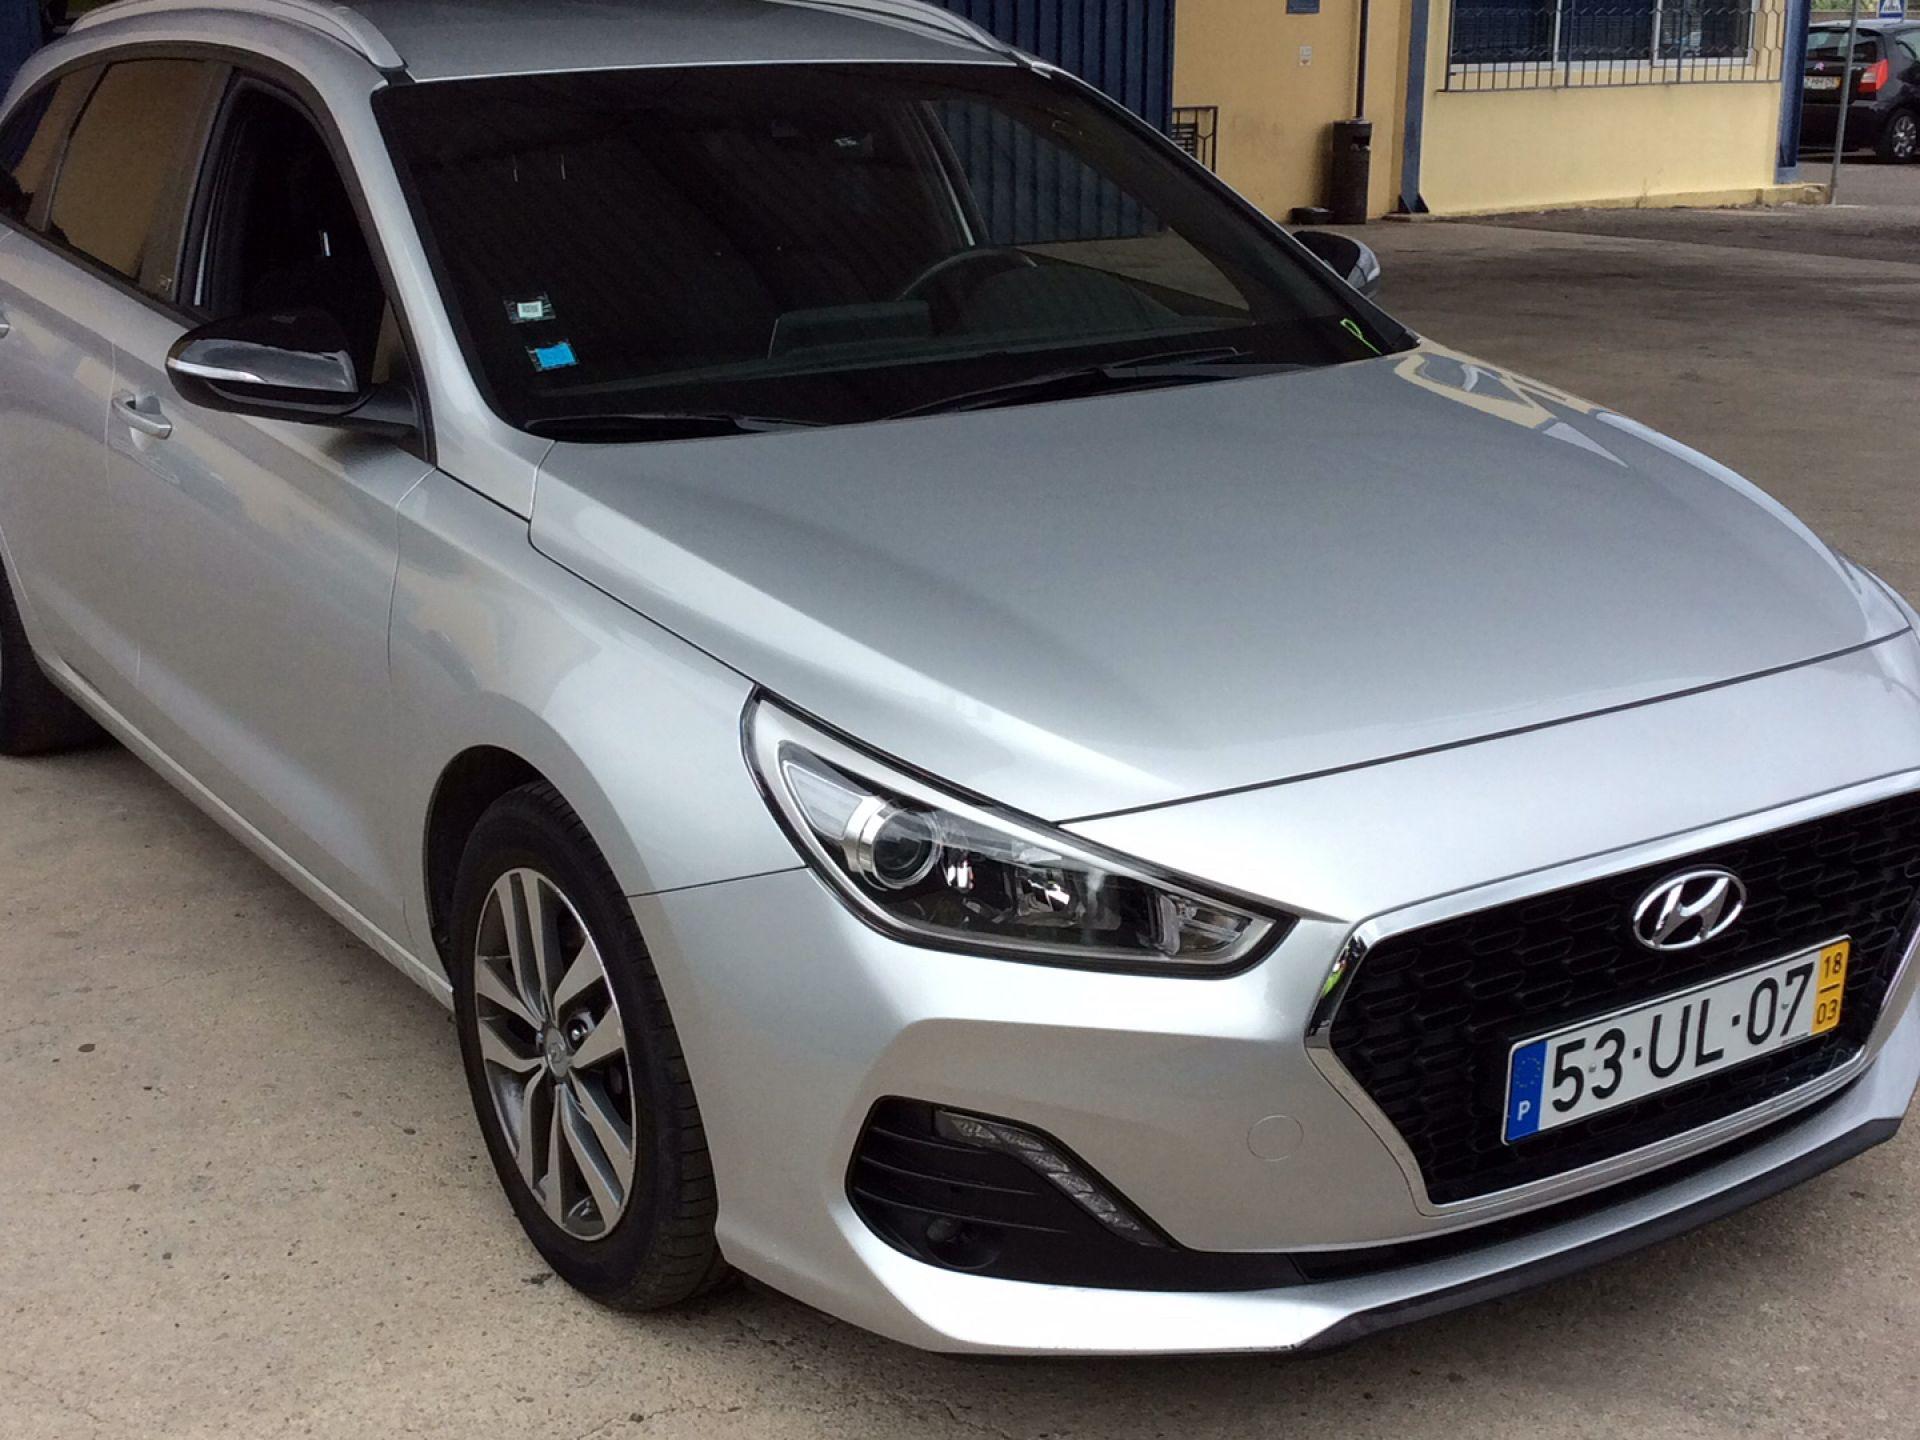 Hyundai i30 SW 1.6 CRDi GO! 110CV segunda mão Porto